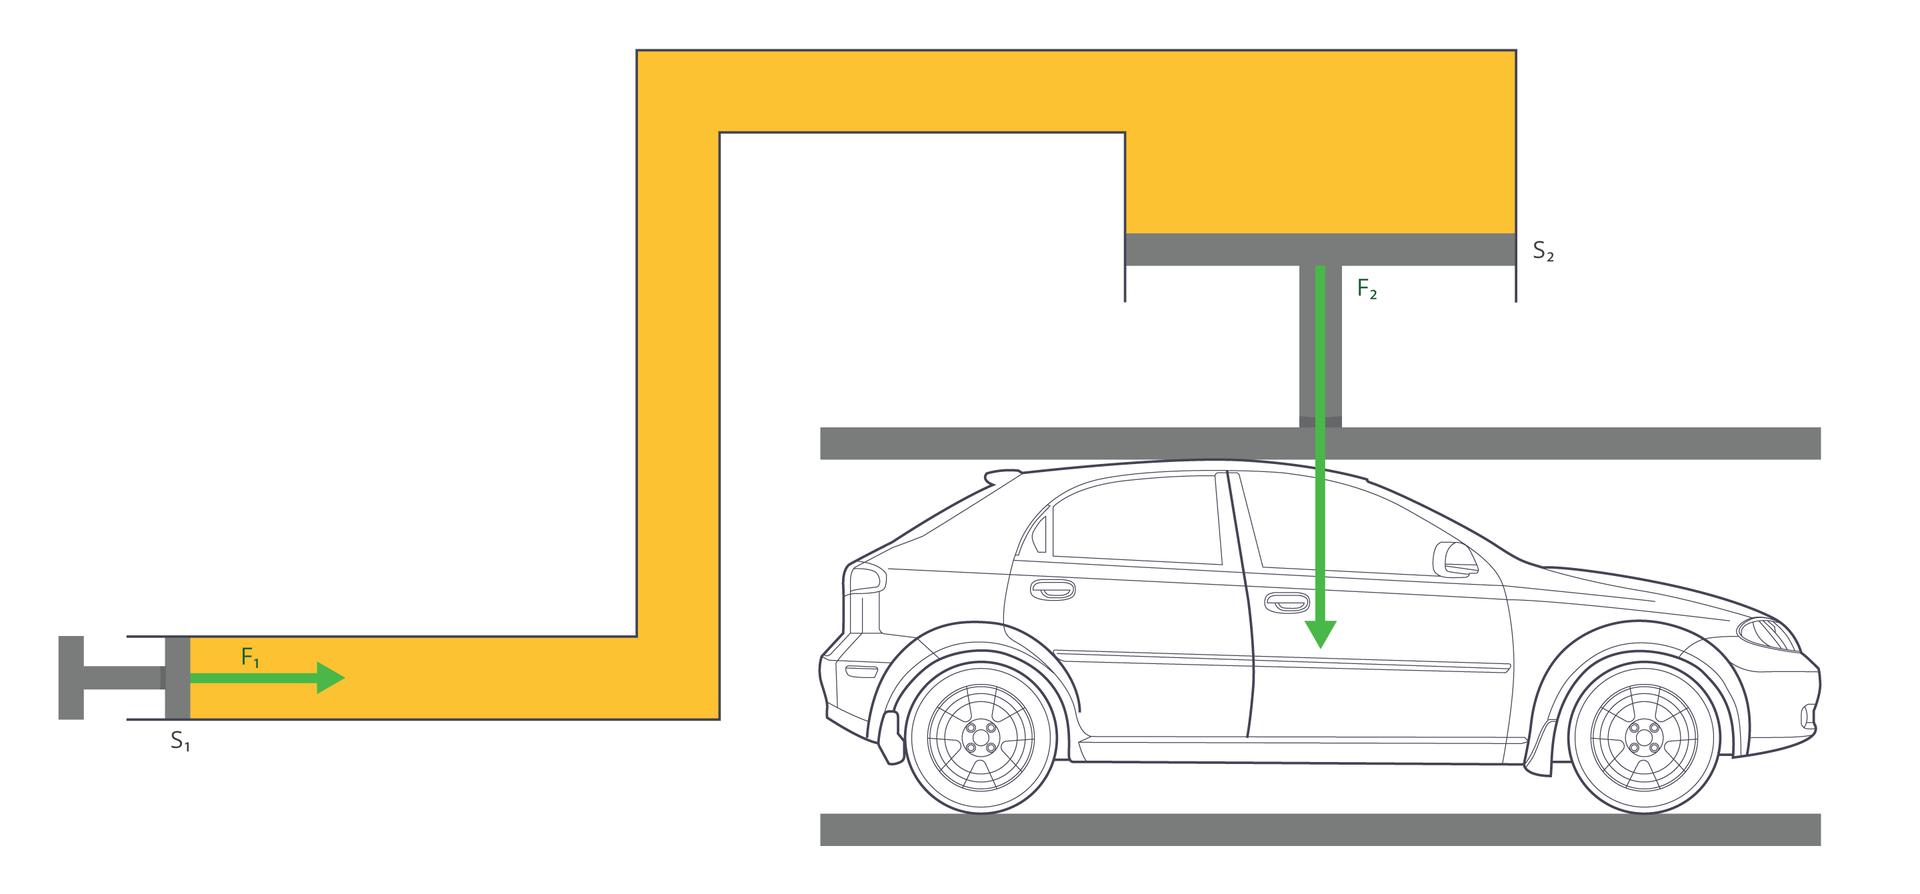 Prasa hydraulicznaIlustracja przedstawia schemat prasy hydraulicznej. Tło białe. Prasa żółta. Pod prasą znajduje się samochód osobowy. Zlewej strony prazy znajduje się tłok pełniący funkcję pompy. Zprawej strony, nad samochodem, tłok roboczy.